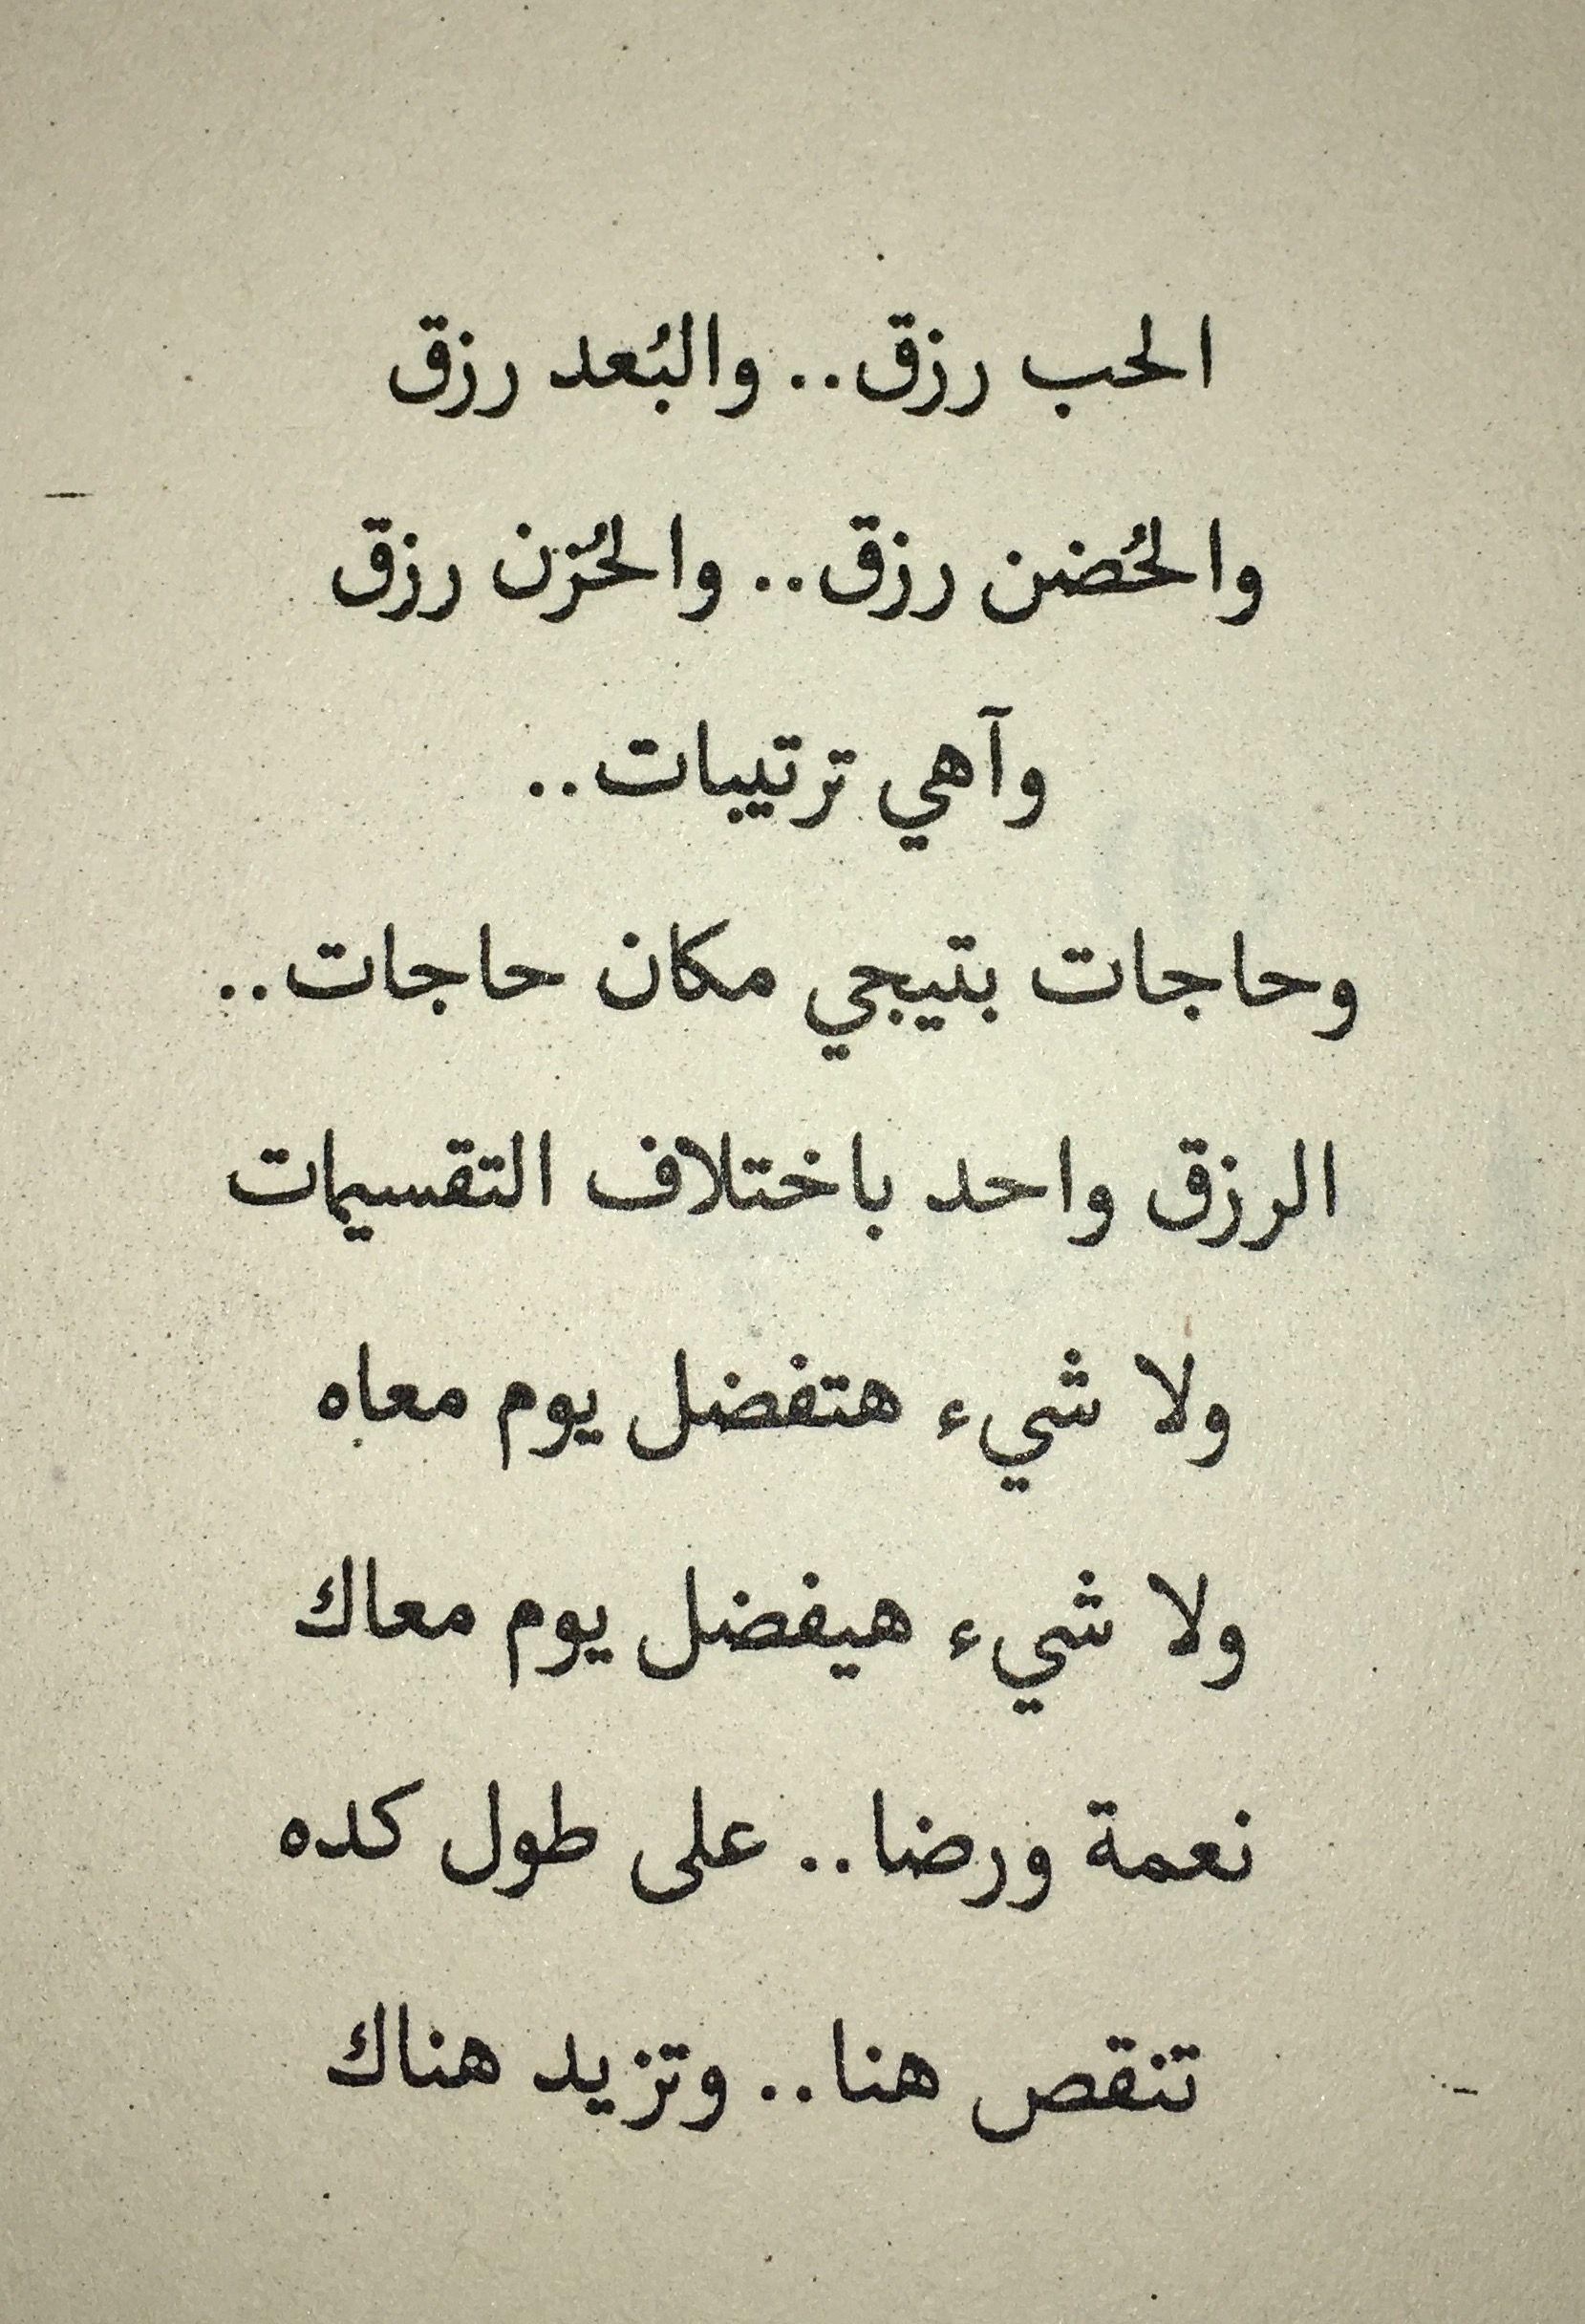 الحمد لله على كل حال Wonderful Words Words Quotes